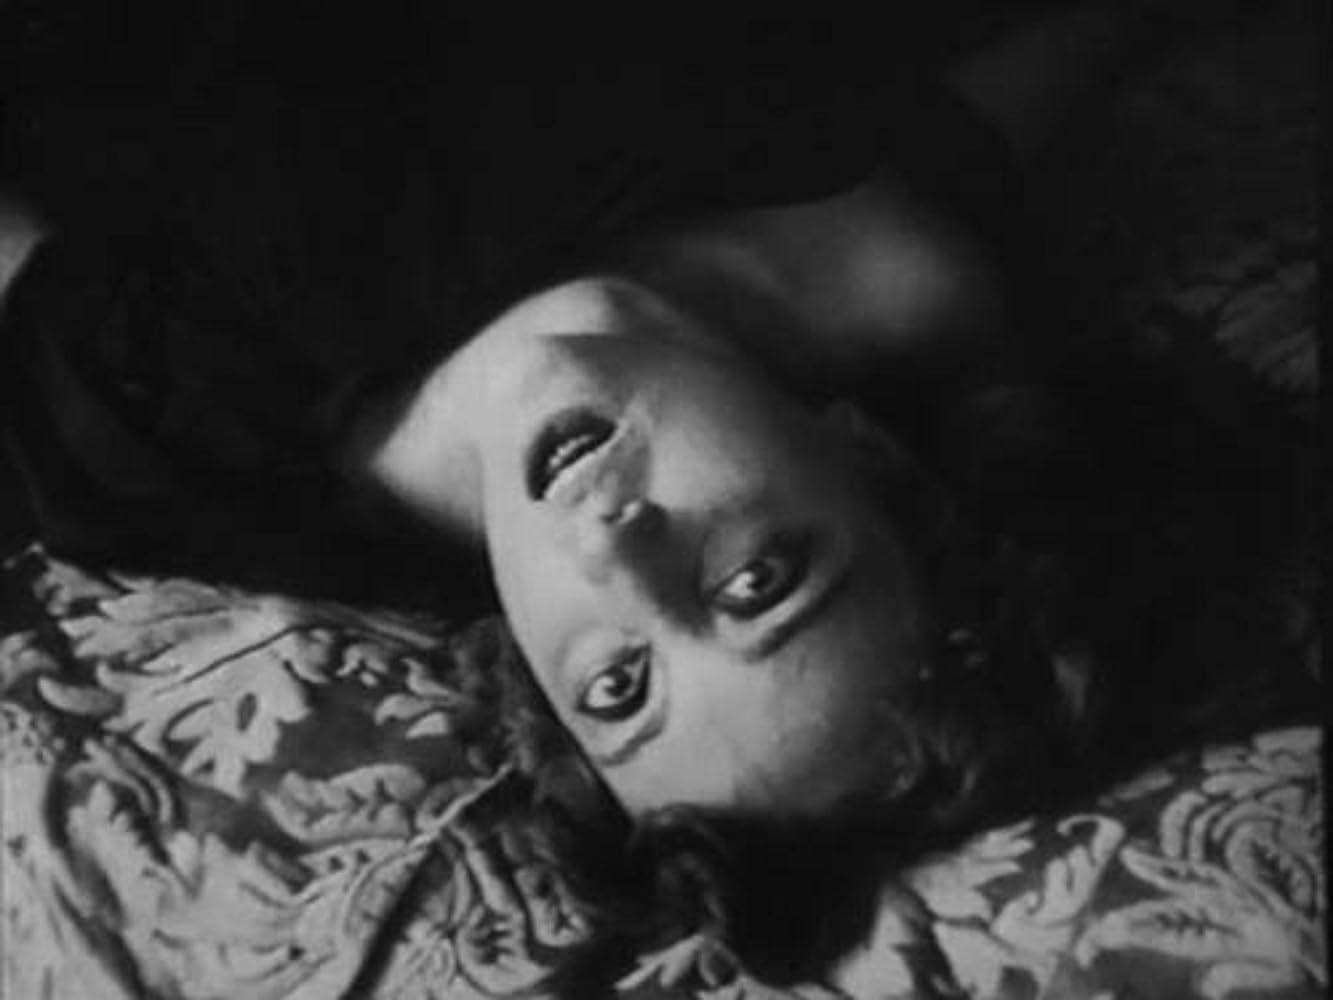 Antonella Attili,Joyce Howard XXX pictures Fay Tincher,Olivia de Havilland (born 1916 (naturalized American citizen